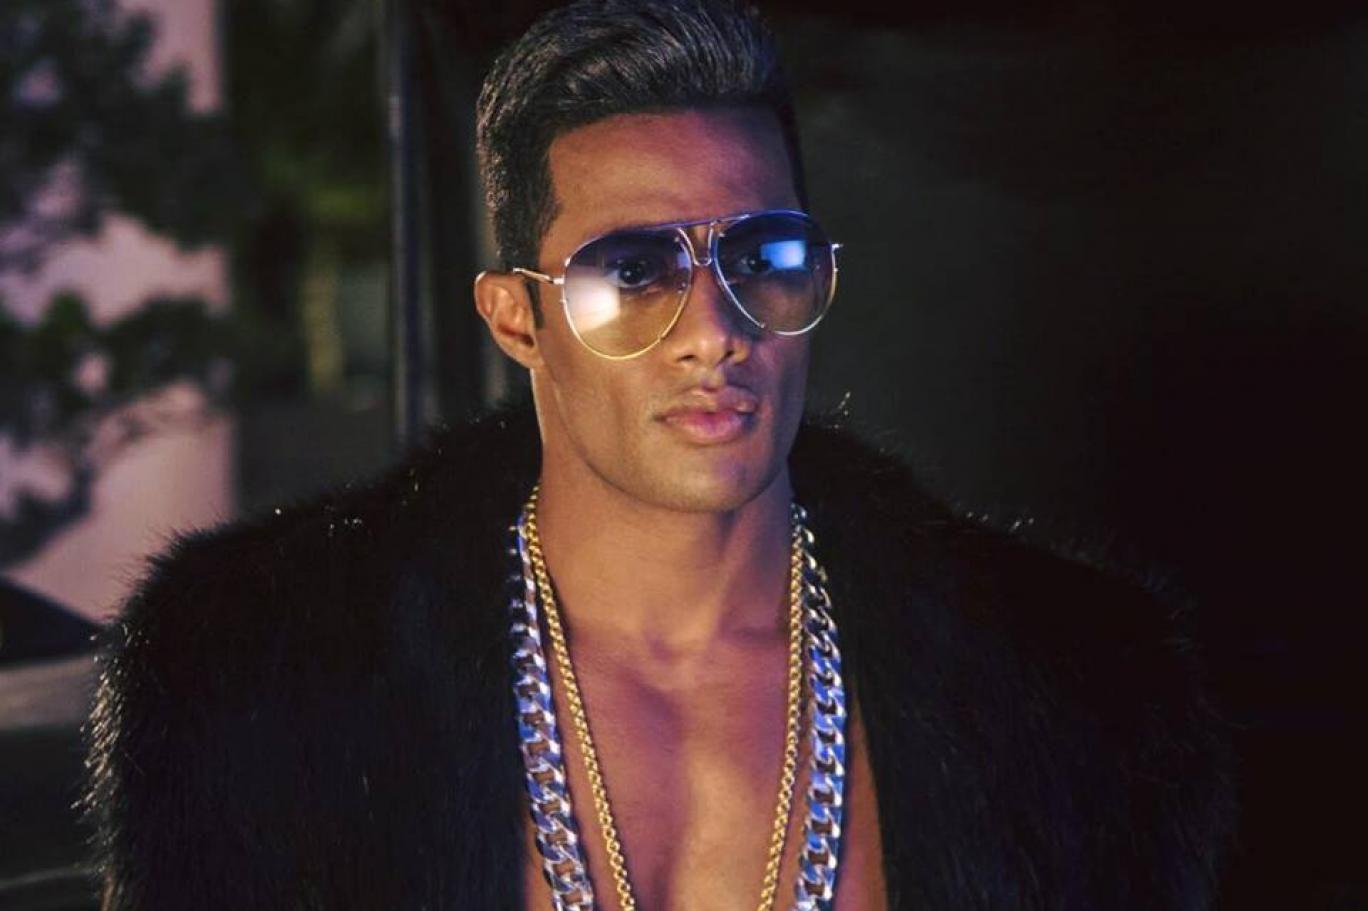 محمد رمضان أنا خدت كل الساحة ماسبتش متر فاضل Mens Sunglasses Sunglasses Men